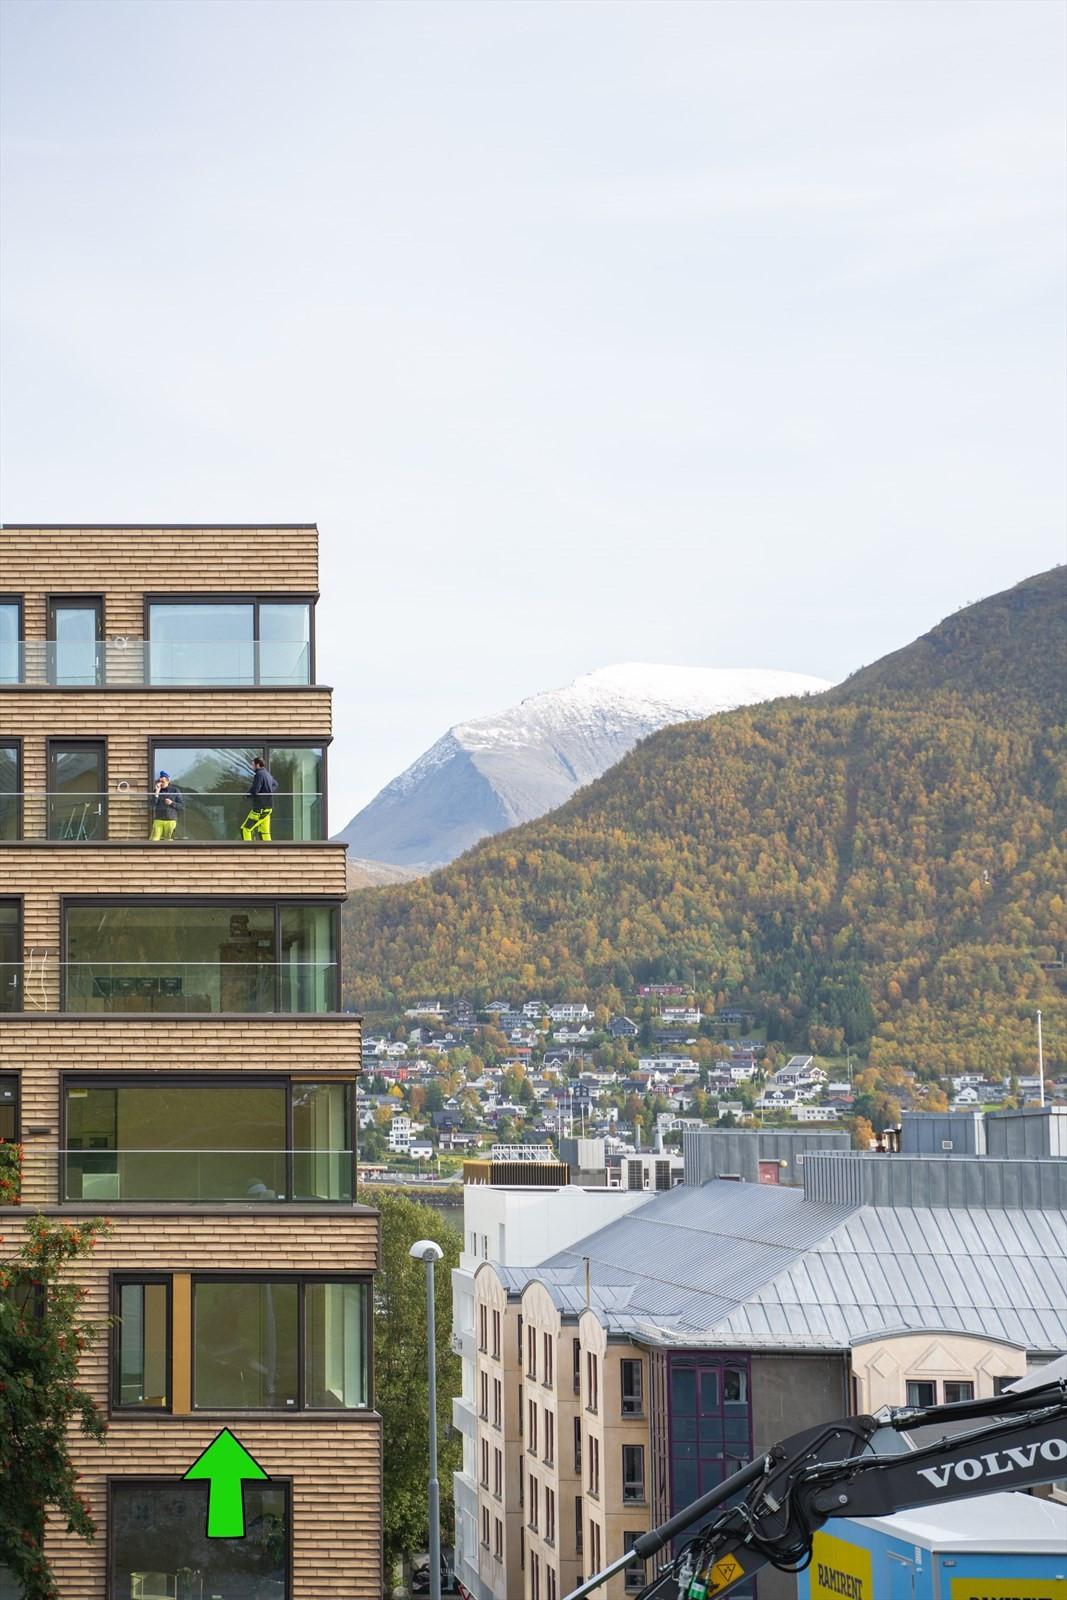 Parkgata 15 - Leilighet 504 - 5.etasje 3 roms hjørne leilighet